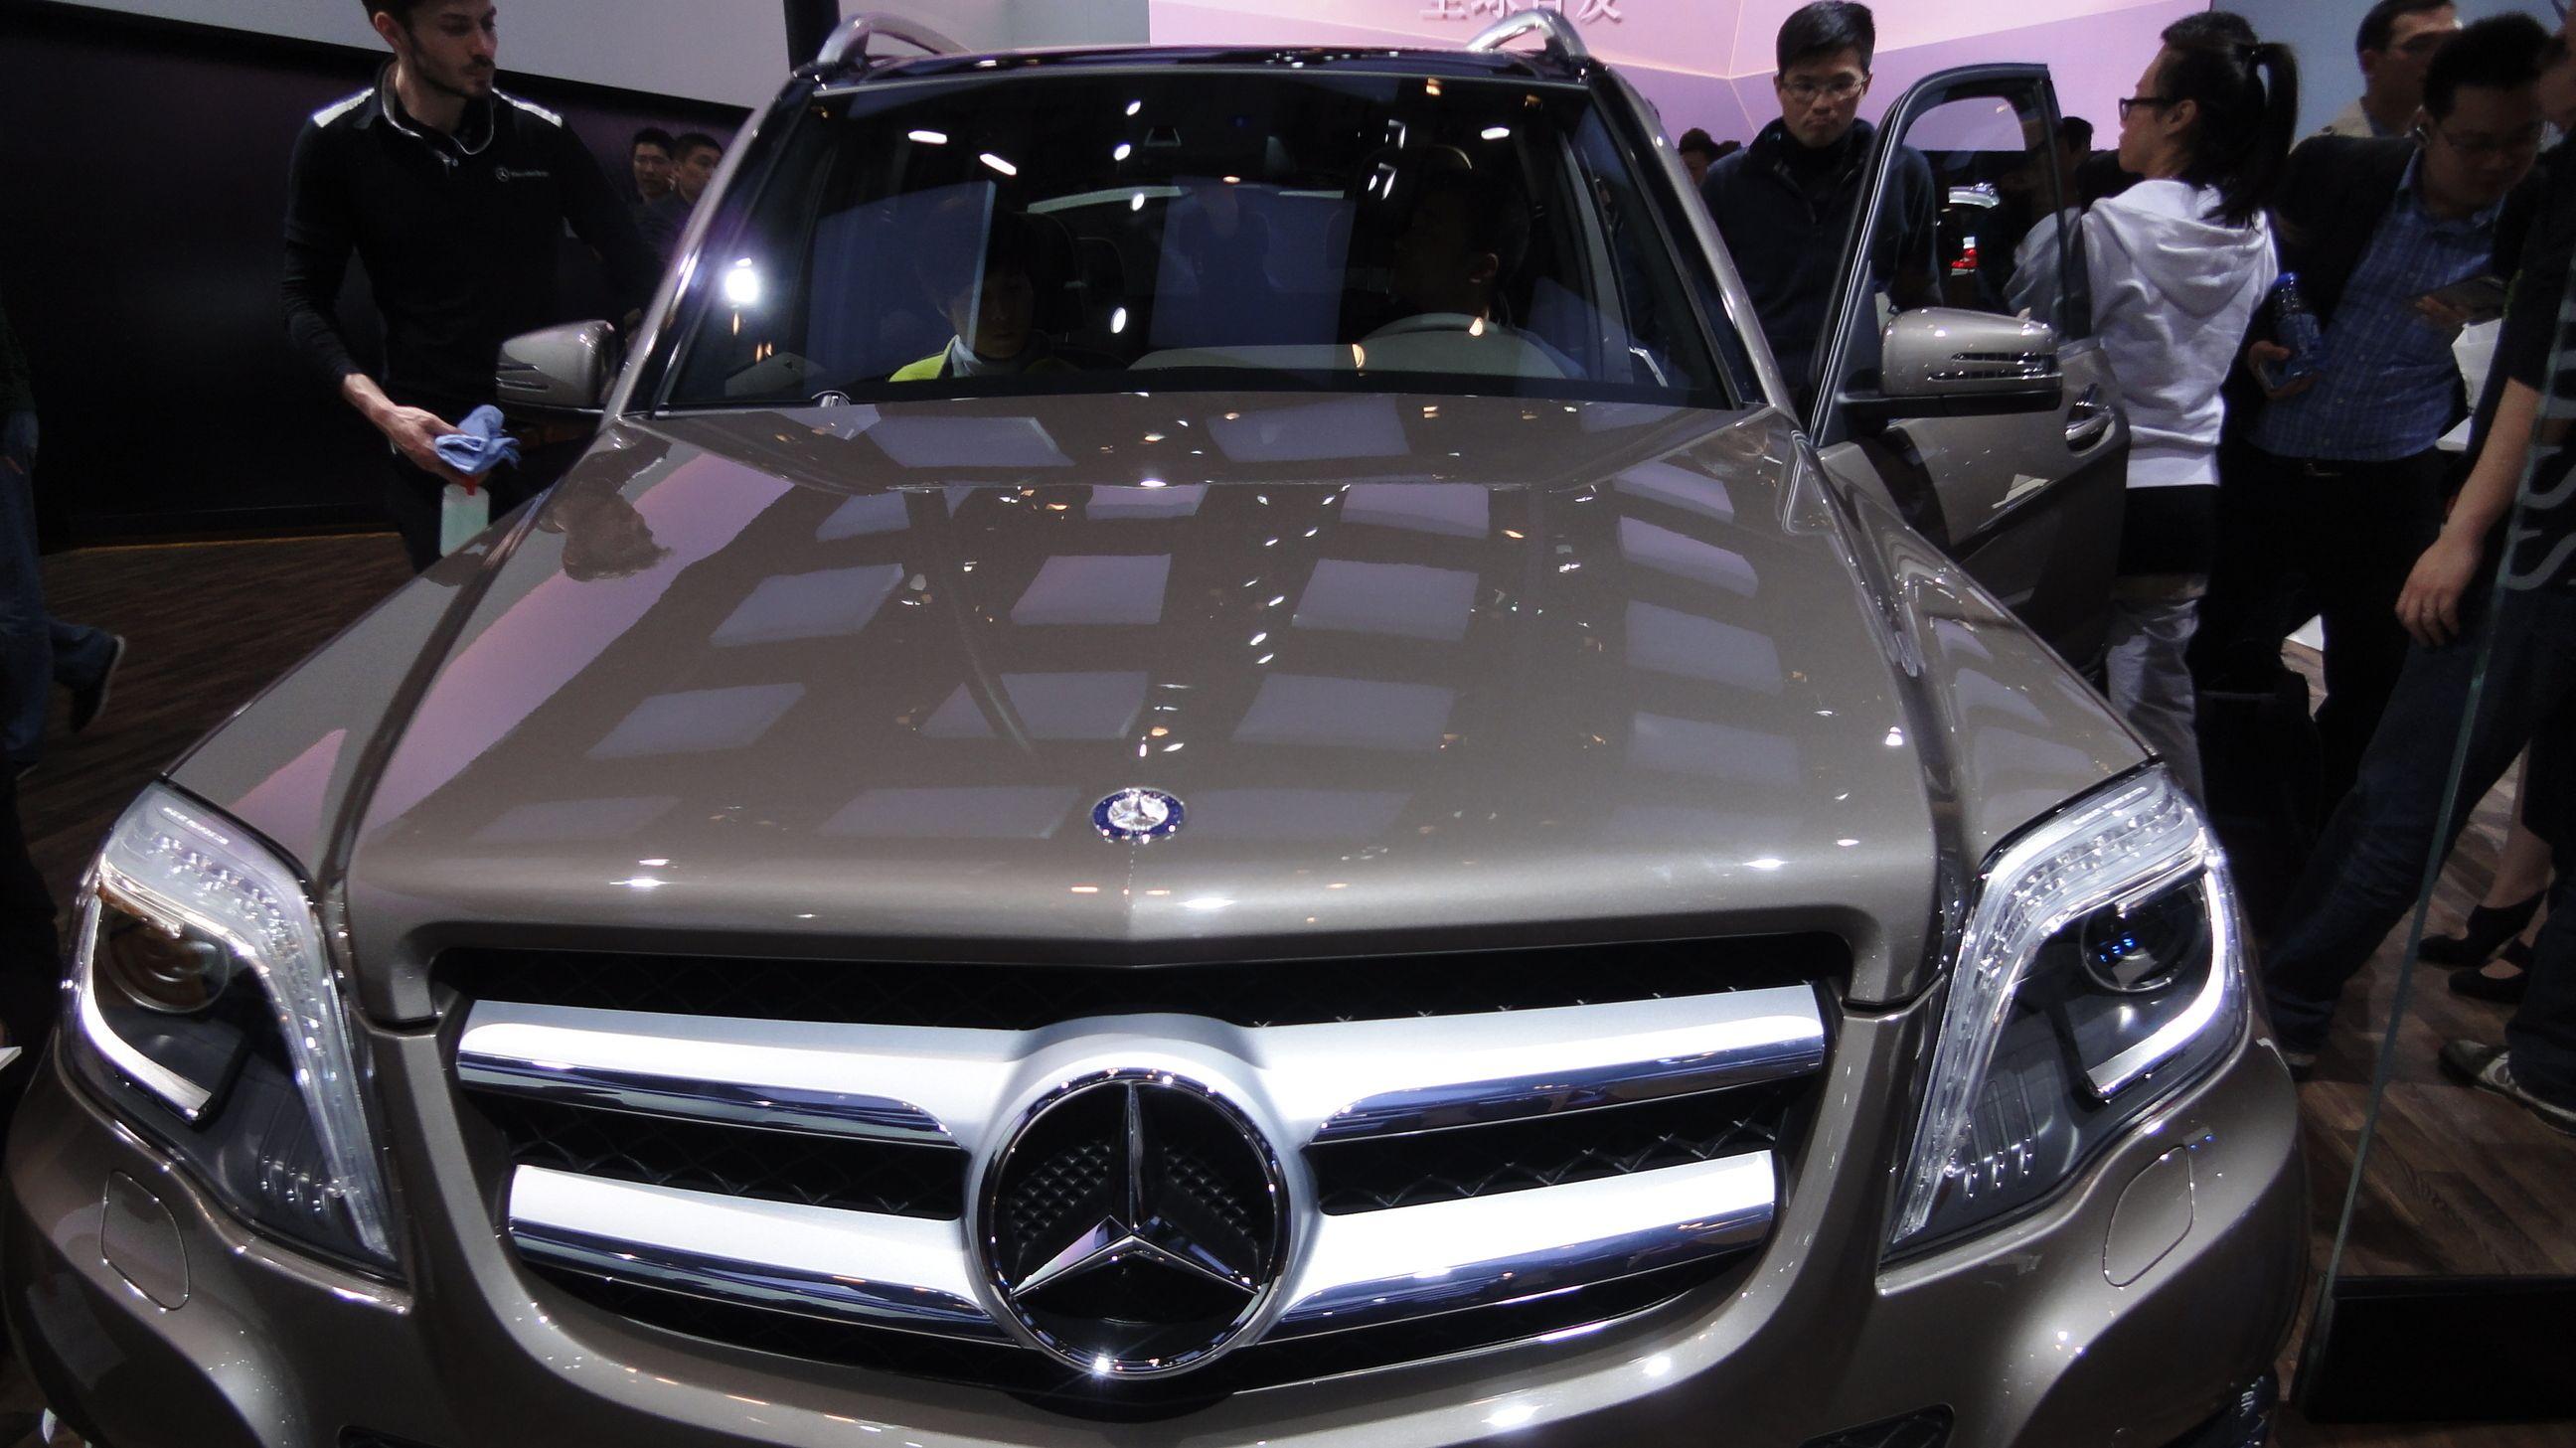 Der Mercedes GLK 220 Diesel mit Euronorm 5 muss in Deutschland zurückgerufen werden.